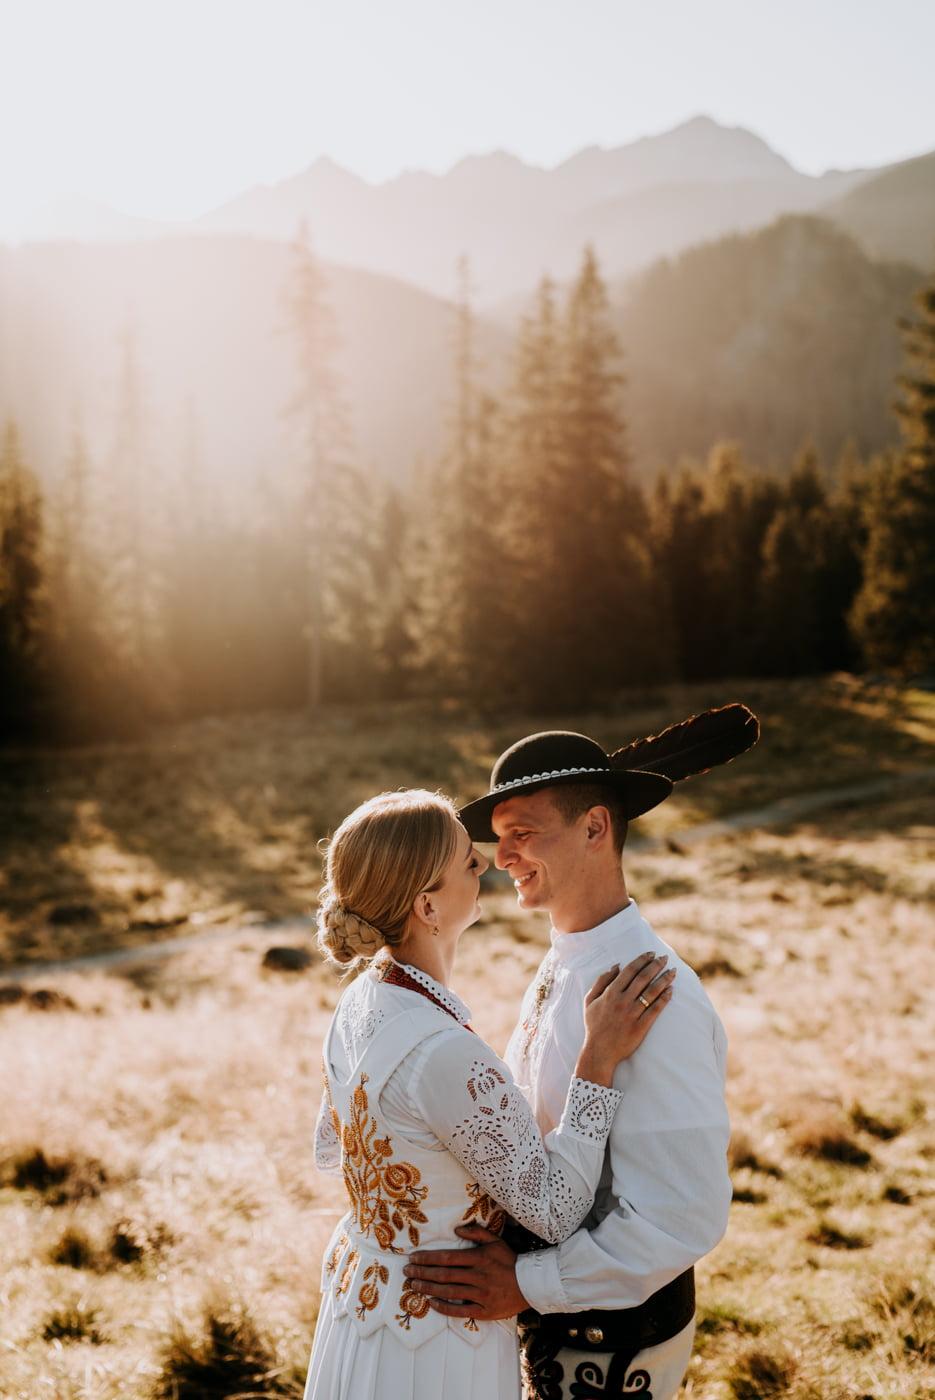 Sesja ślubna w Tatrach - Tradycyjnie 23